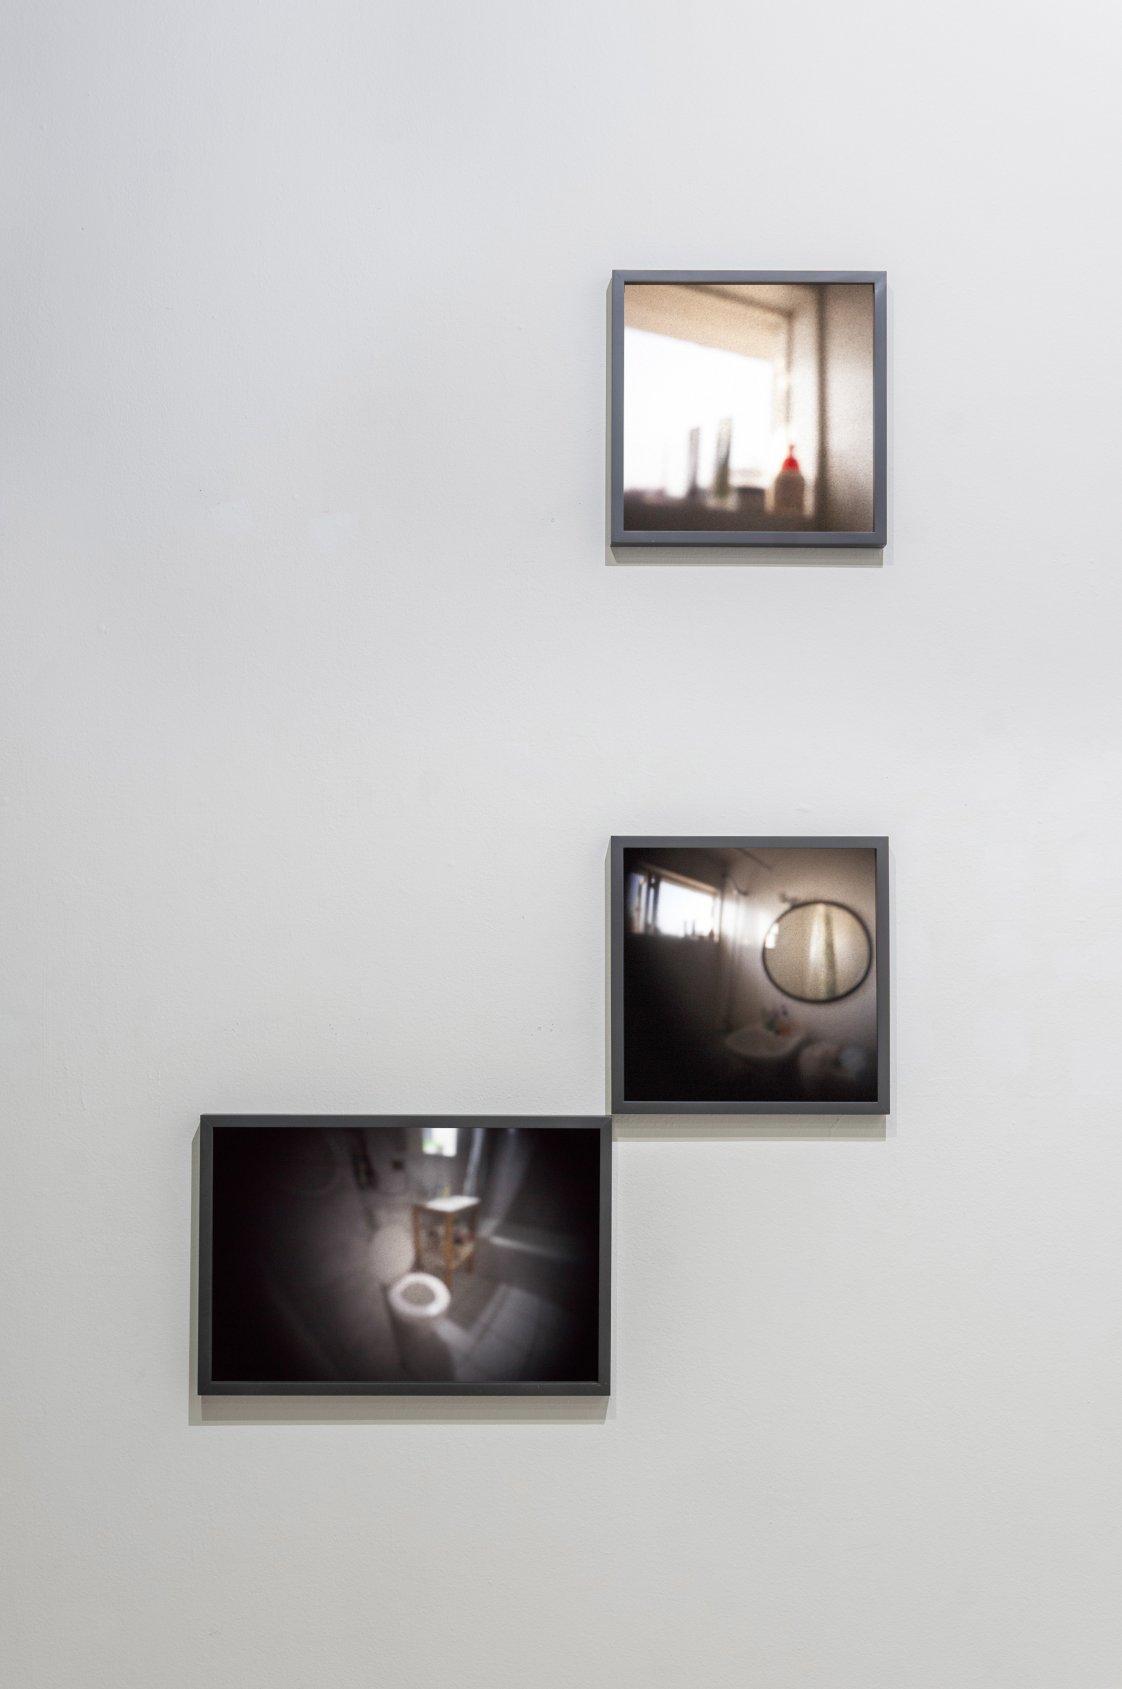 """Baño compartido, tríptico del proyecto """"Luz común"""", una mirada íntima al habitar contemporáneo en edificios residenciales (2017) - Carola Sepúlveda"""